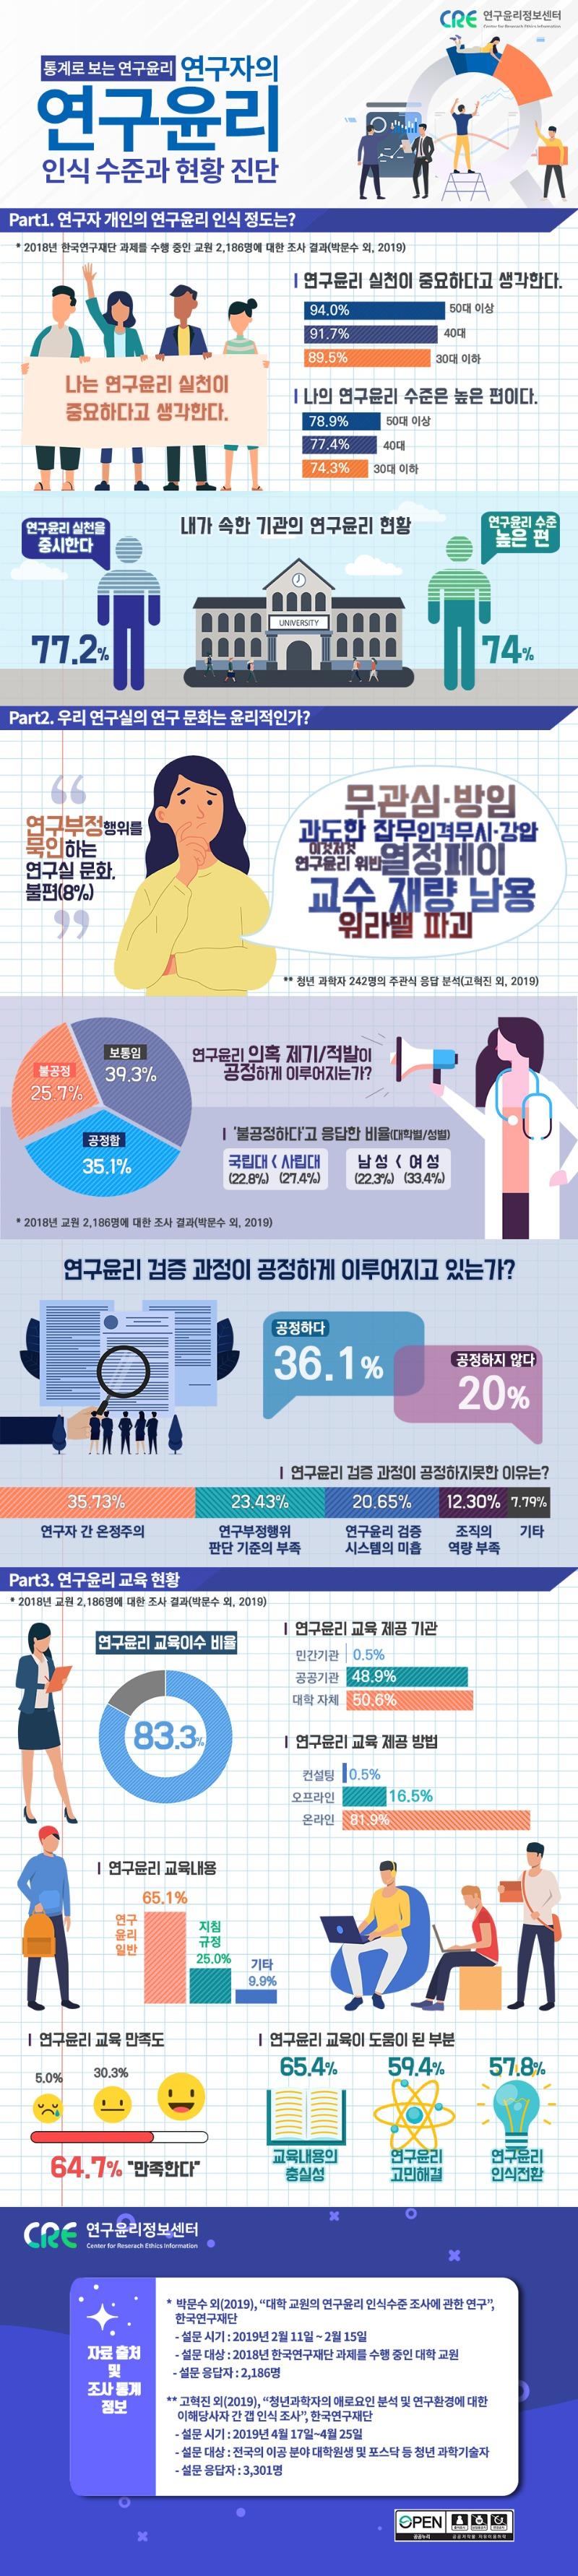 통계로보는연구윤리01.jpg